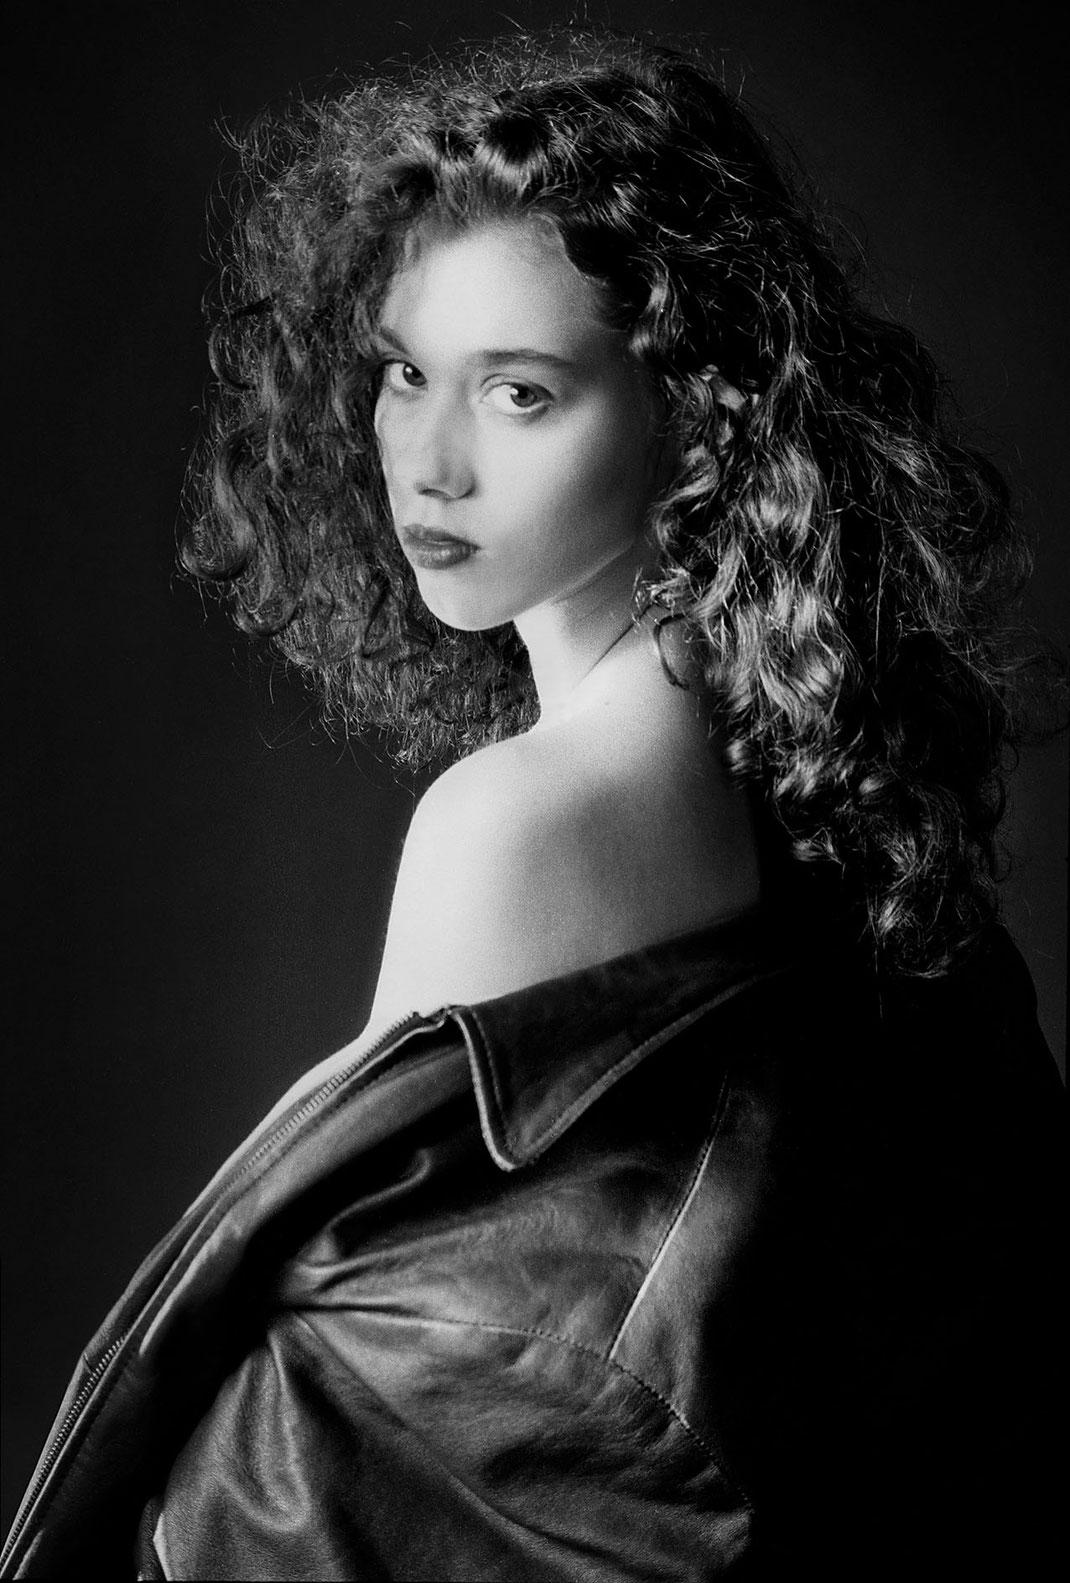 Erotische Portrait Fine Art Nude Aufnahme von Martin Boelt Photography